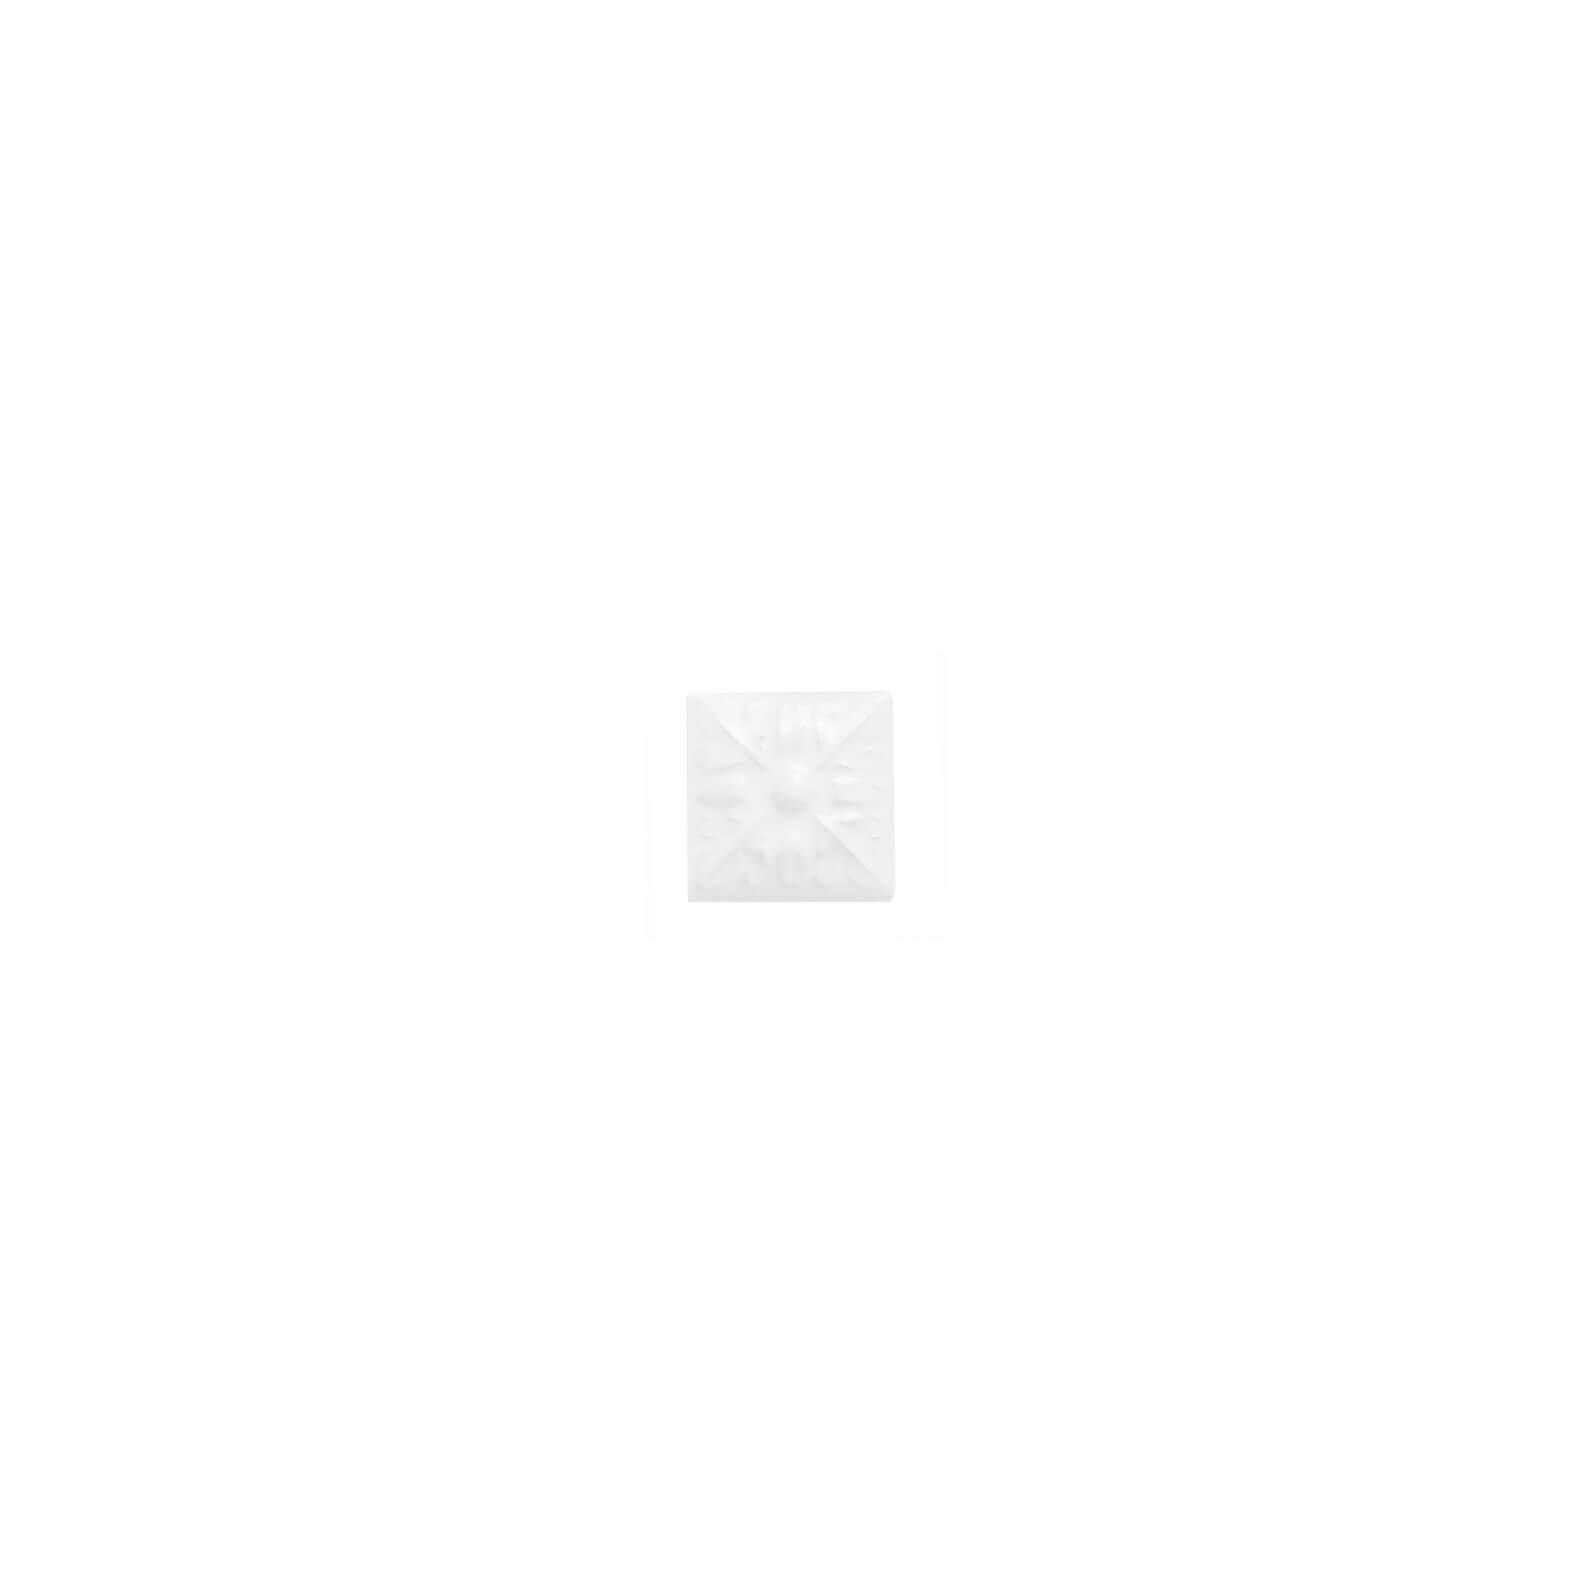 ADST4060 - TACO RELIEVE FLOR Nº 2 - 3 cm X 3 cm